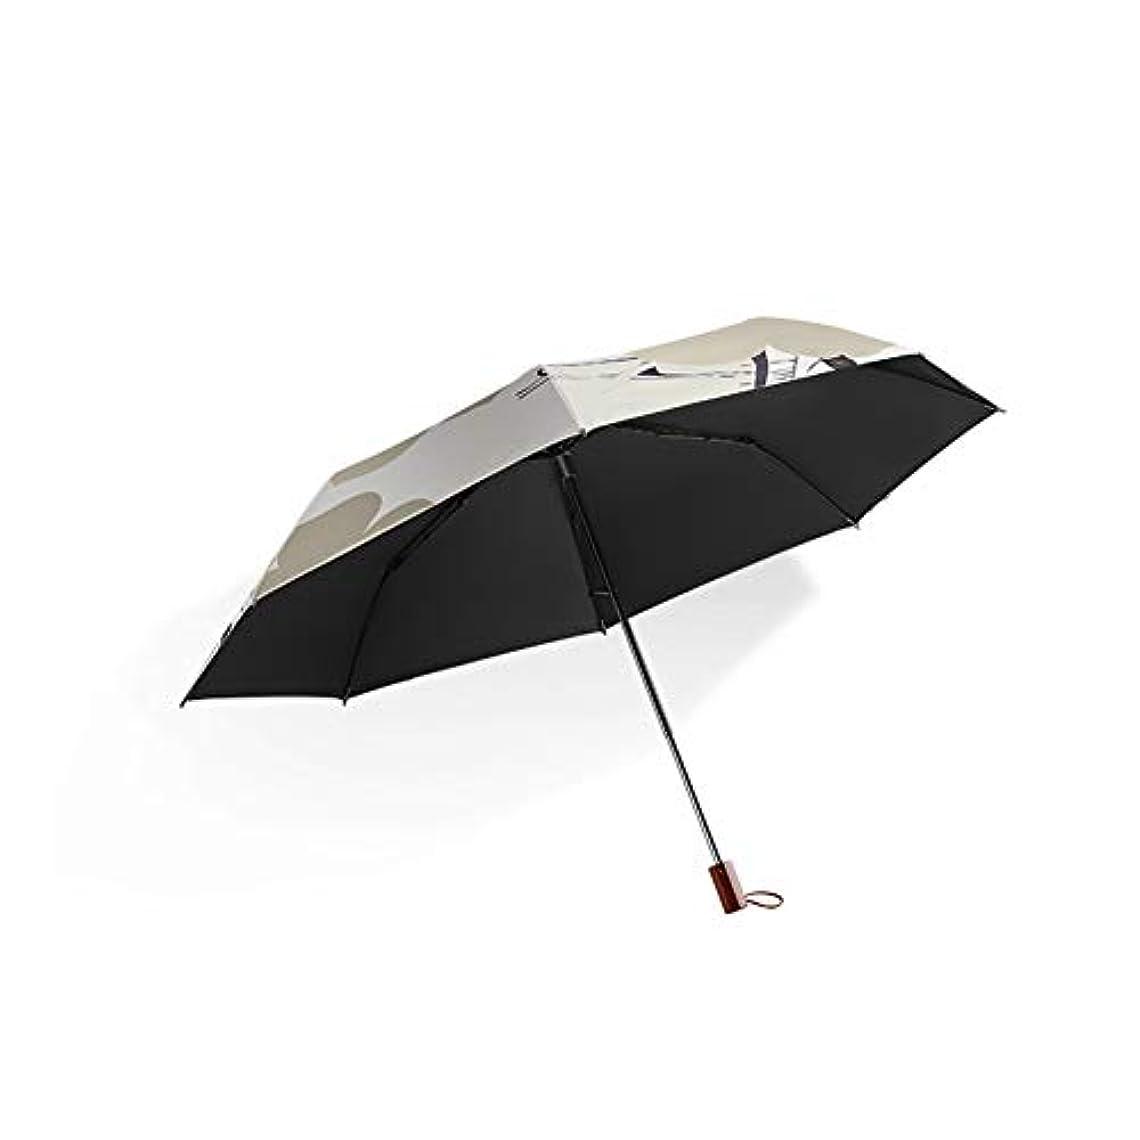 半円扇動する特異性傘、防風コンパクト旅行傘女性品質耐久性のある太陽の傘日焼け止め抗 UV スティック傘,khaki